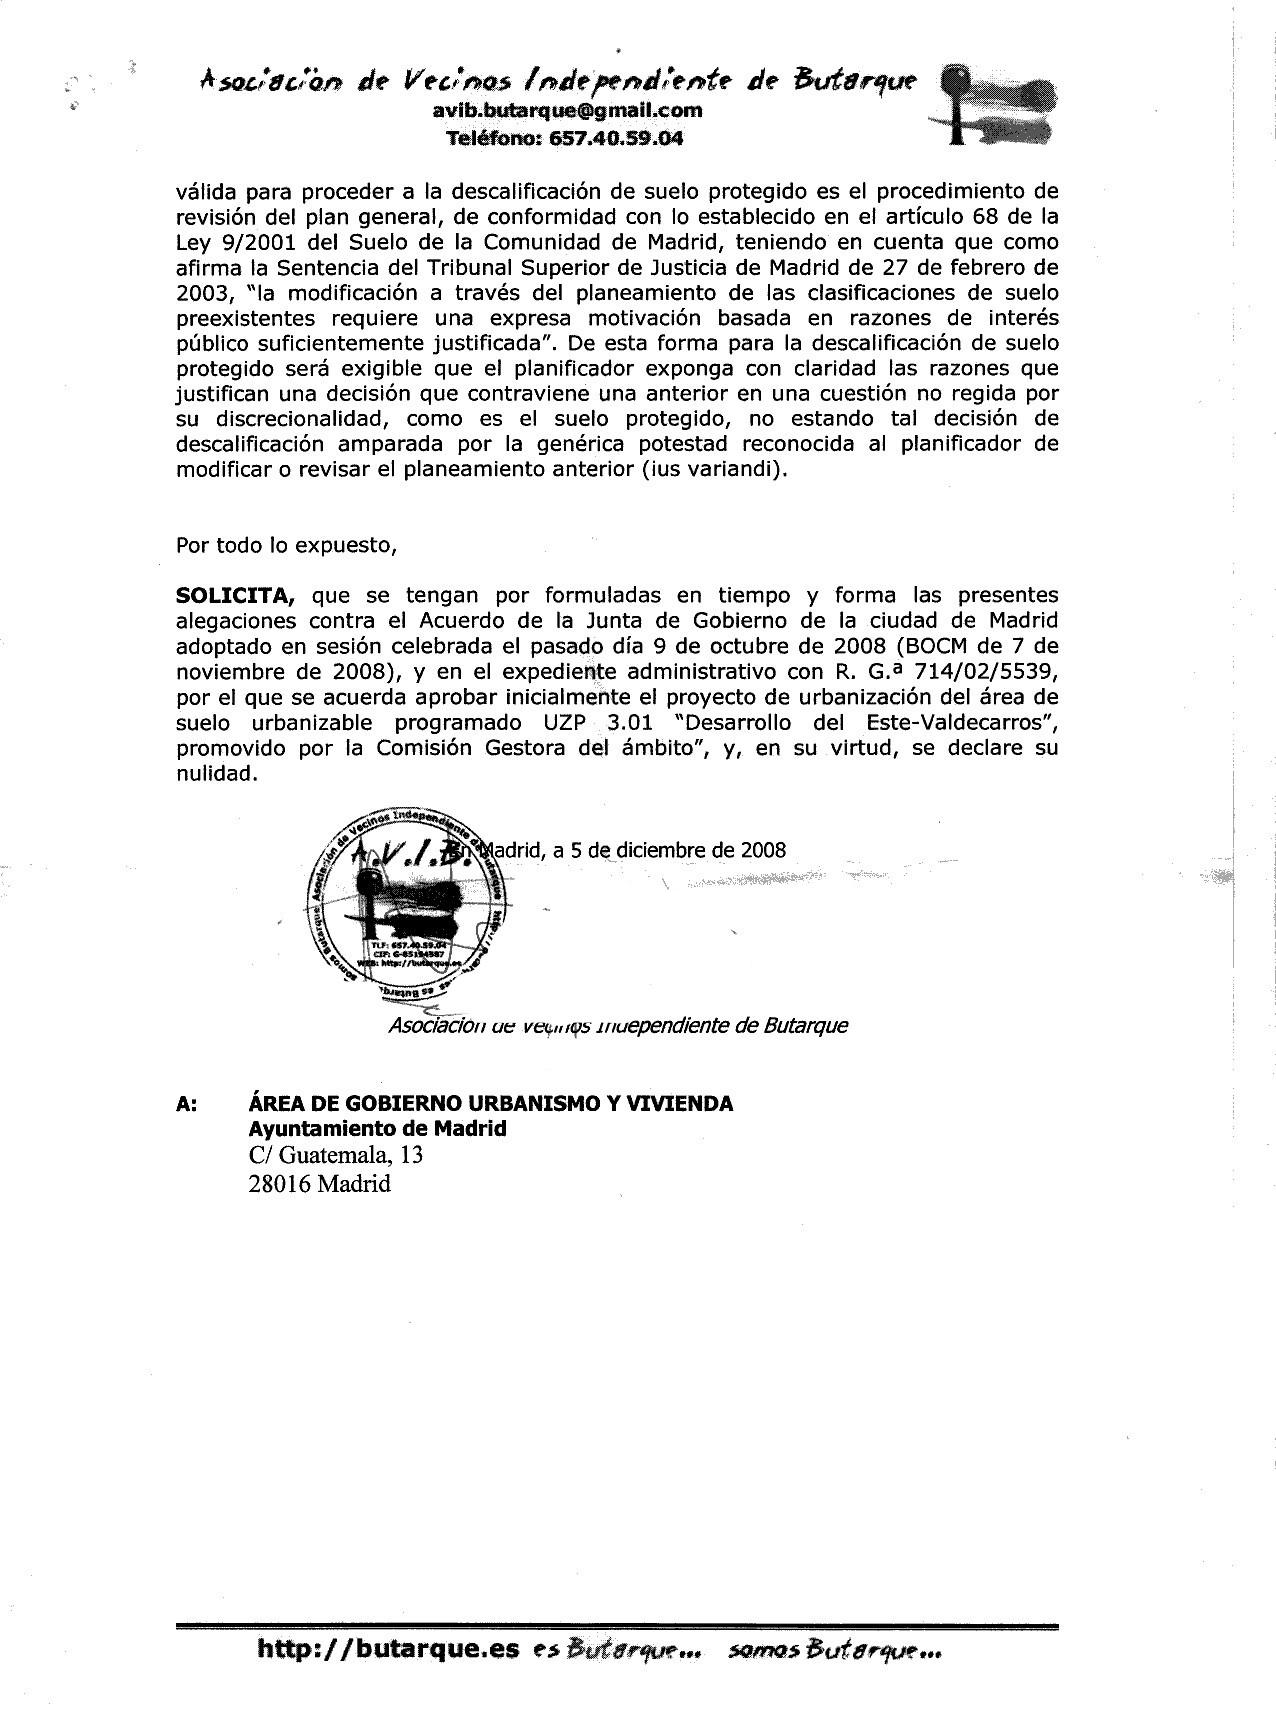 alegaciones_valdecarros-2.jpg